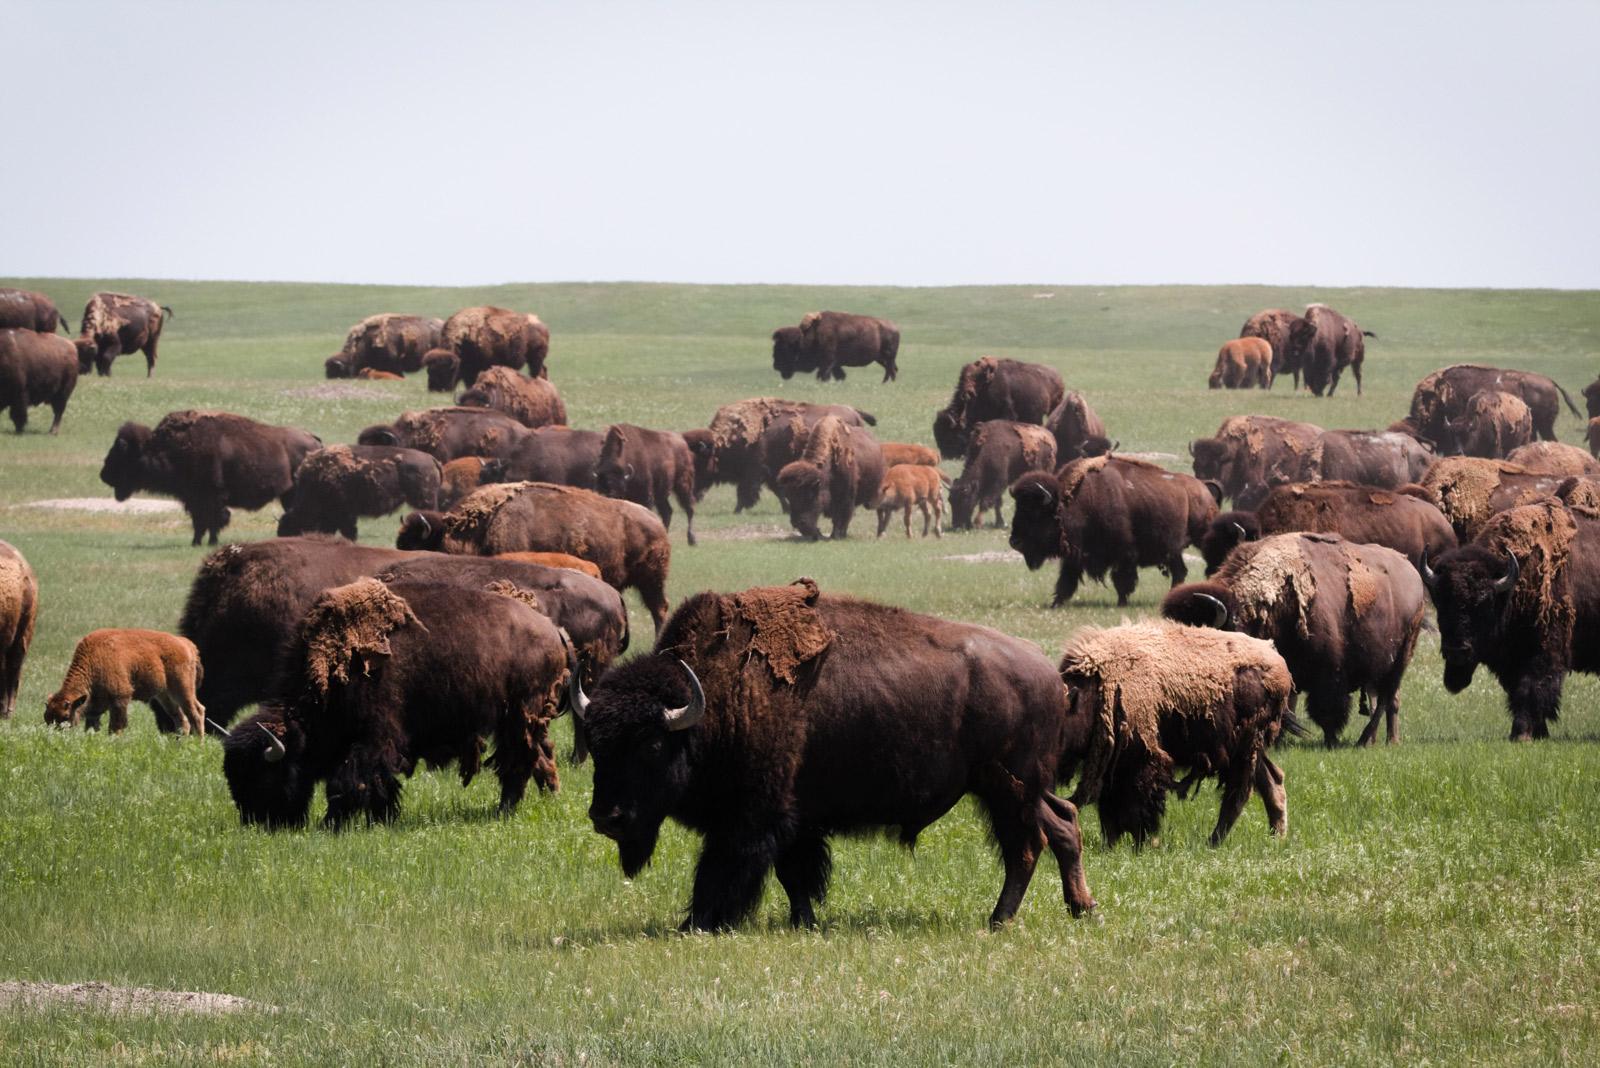 Eine Herde von Bisons auf einer grünen Wiese